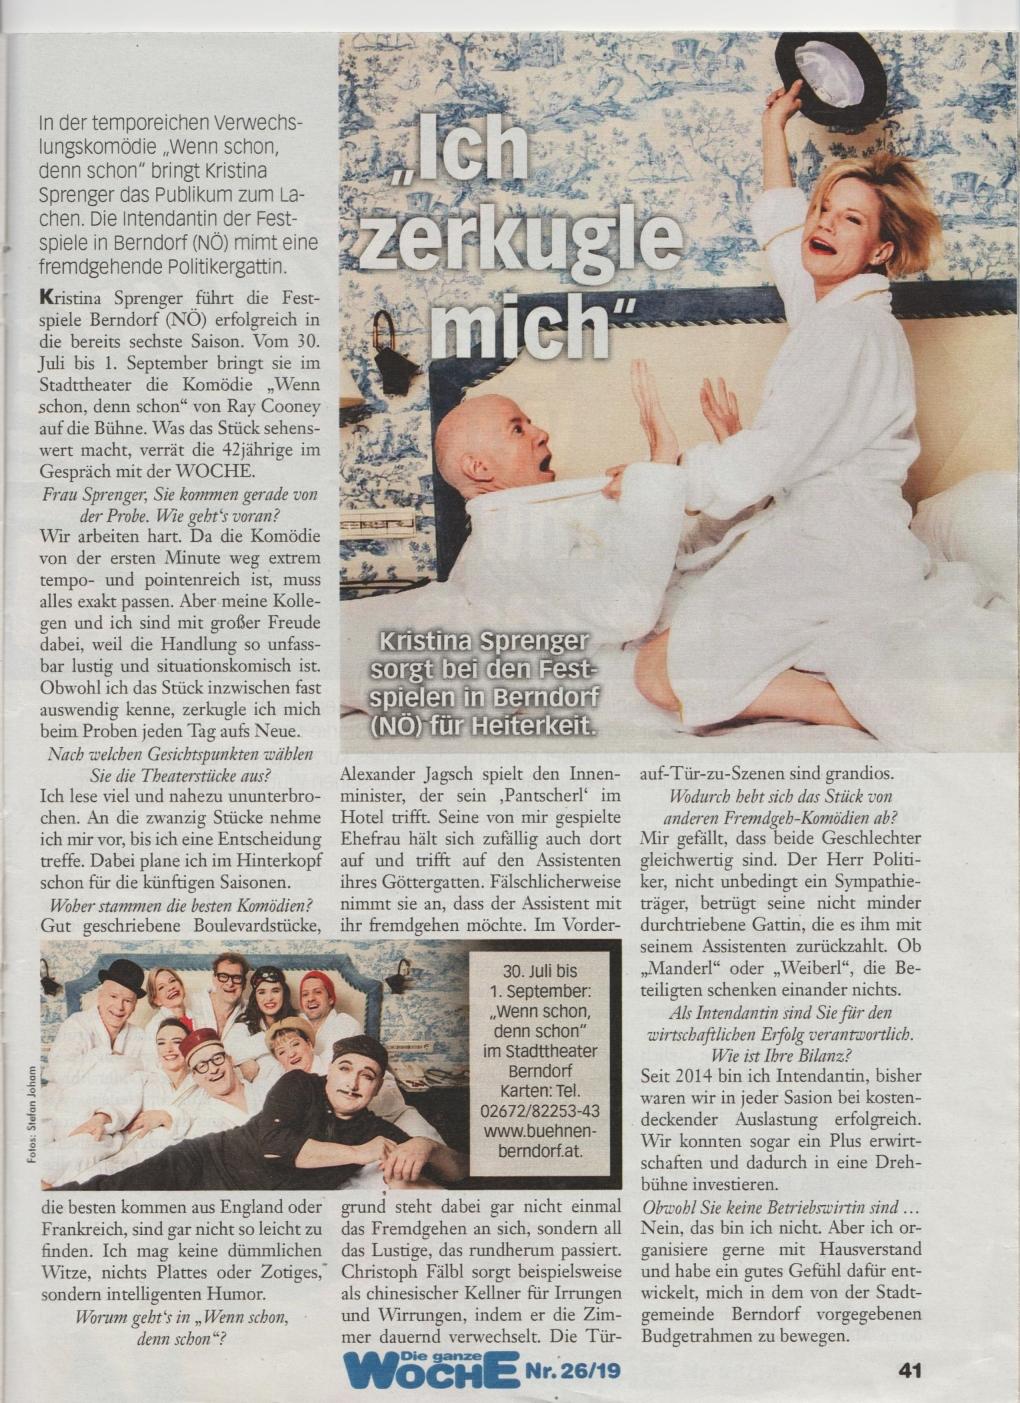 Wenn schon denn schon  - Berndorf - Zeitung 3